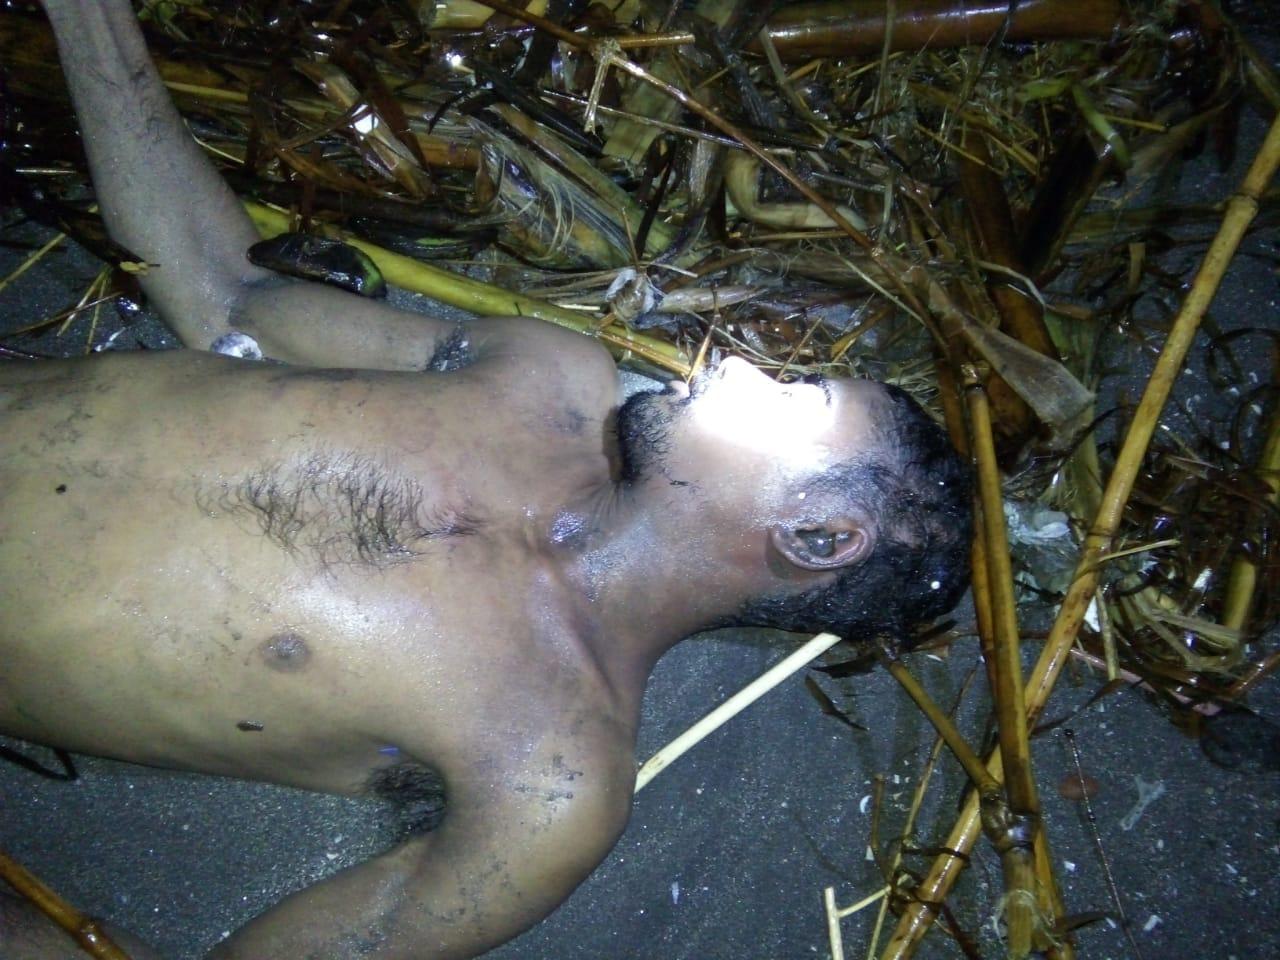 korban saat ditemukan warga di bibir pantai Dusun Paludem, Desa Tembokrejo, Muncar